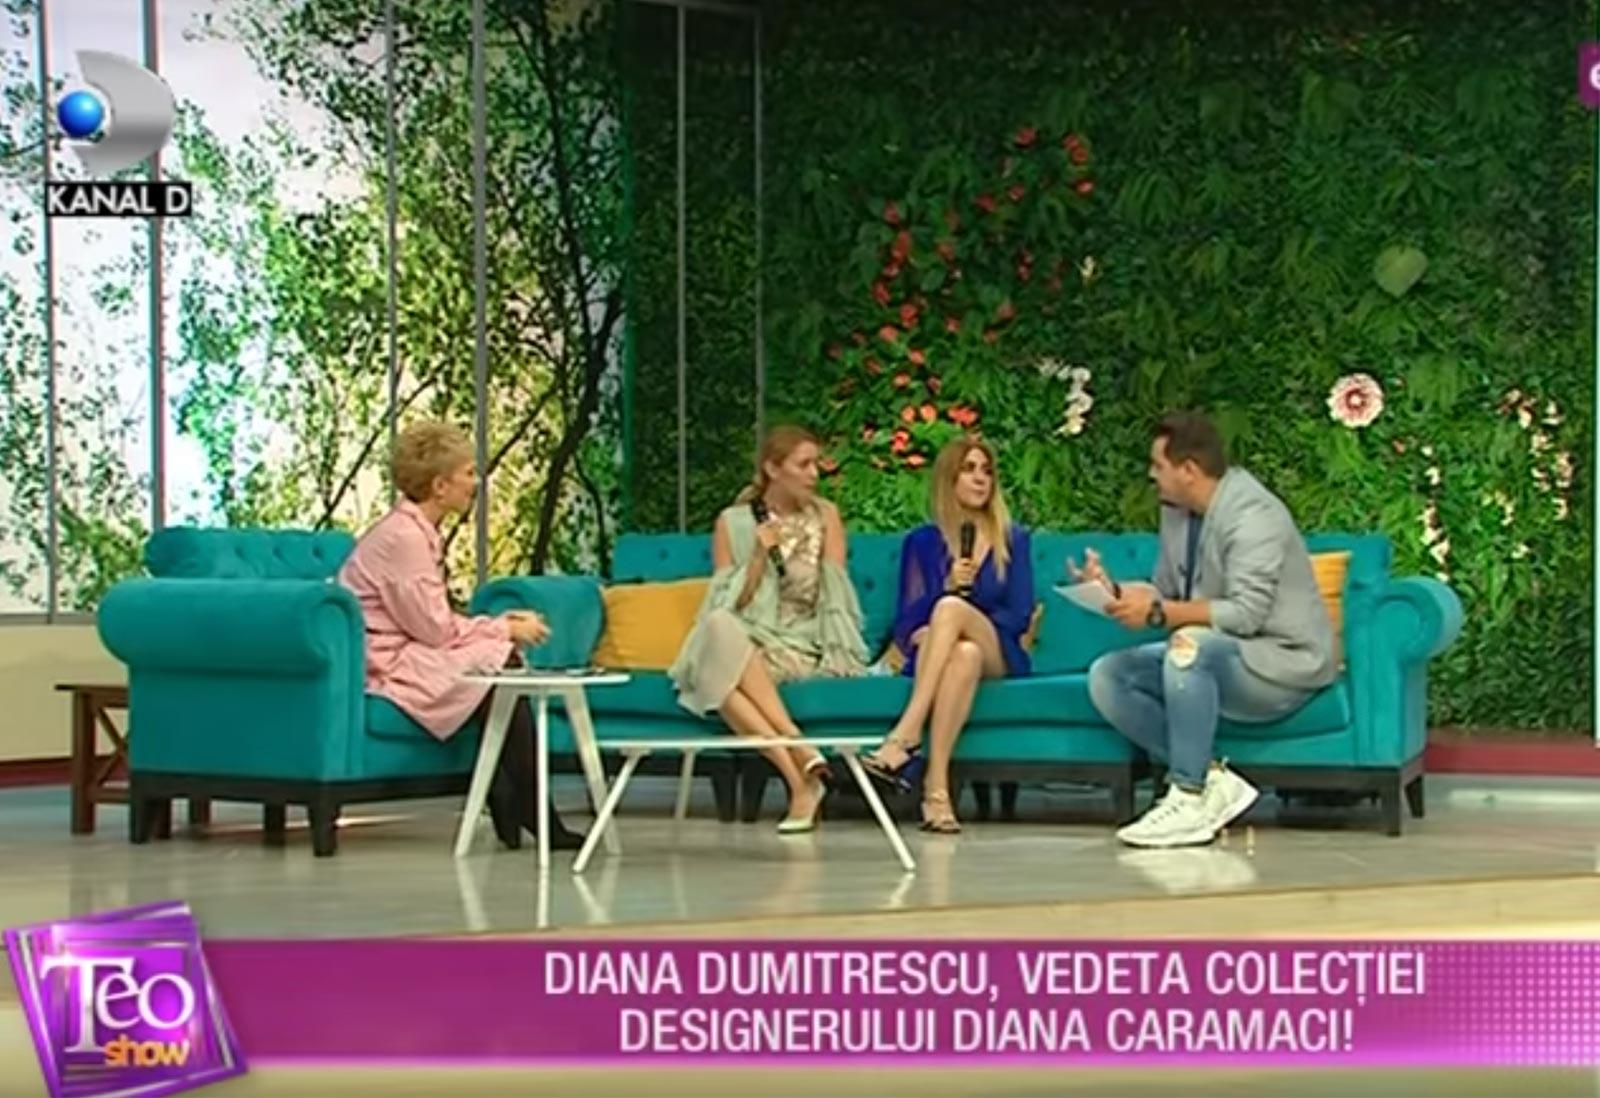 diana-caramaci-diana-dumitrescu-teo-show-kanal-d